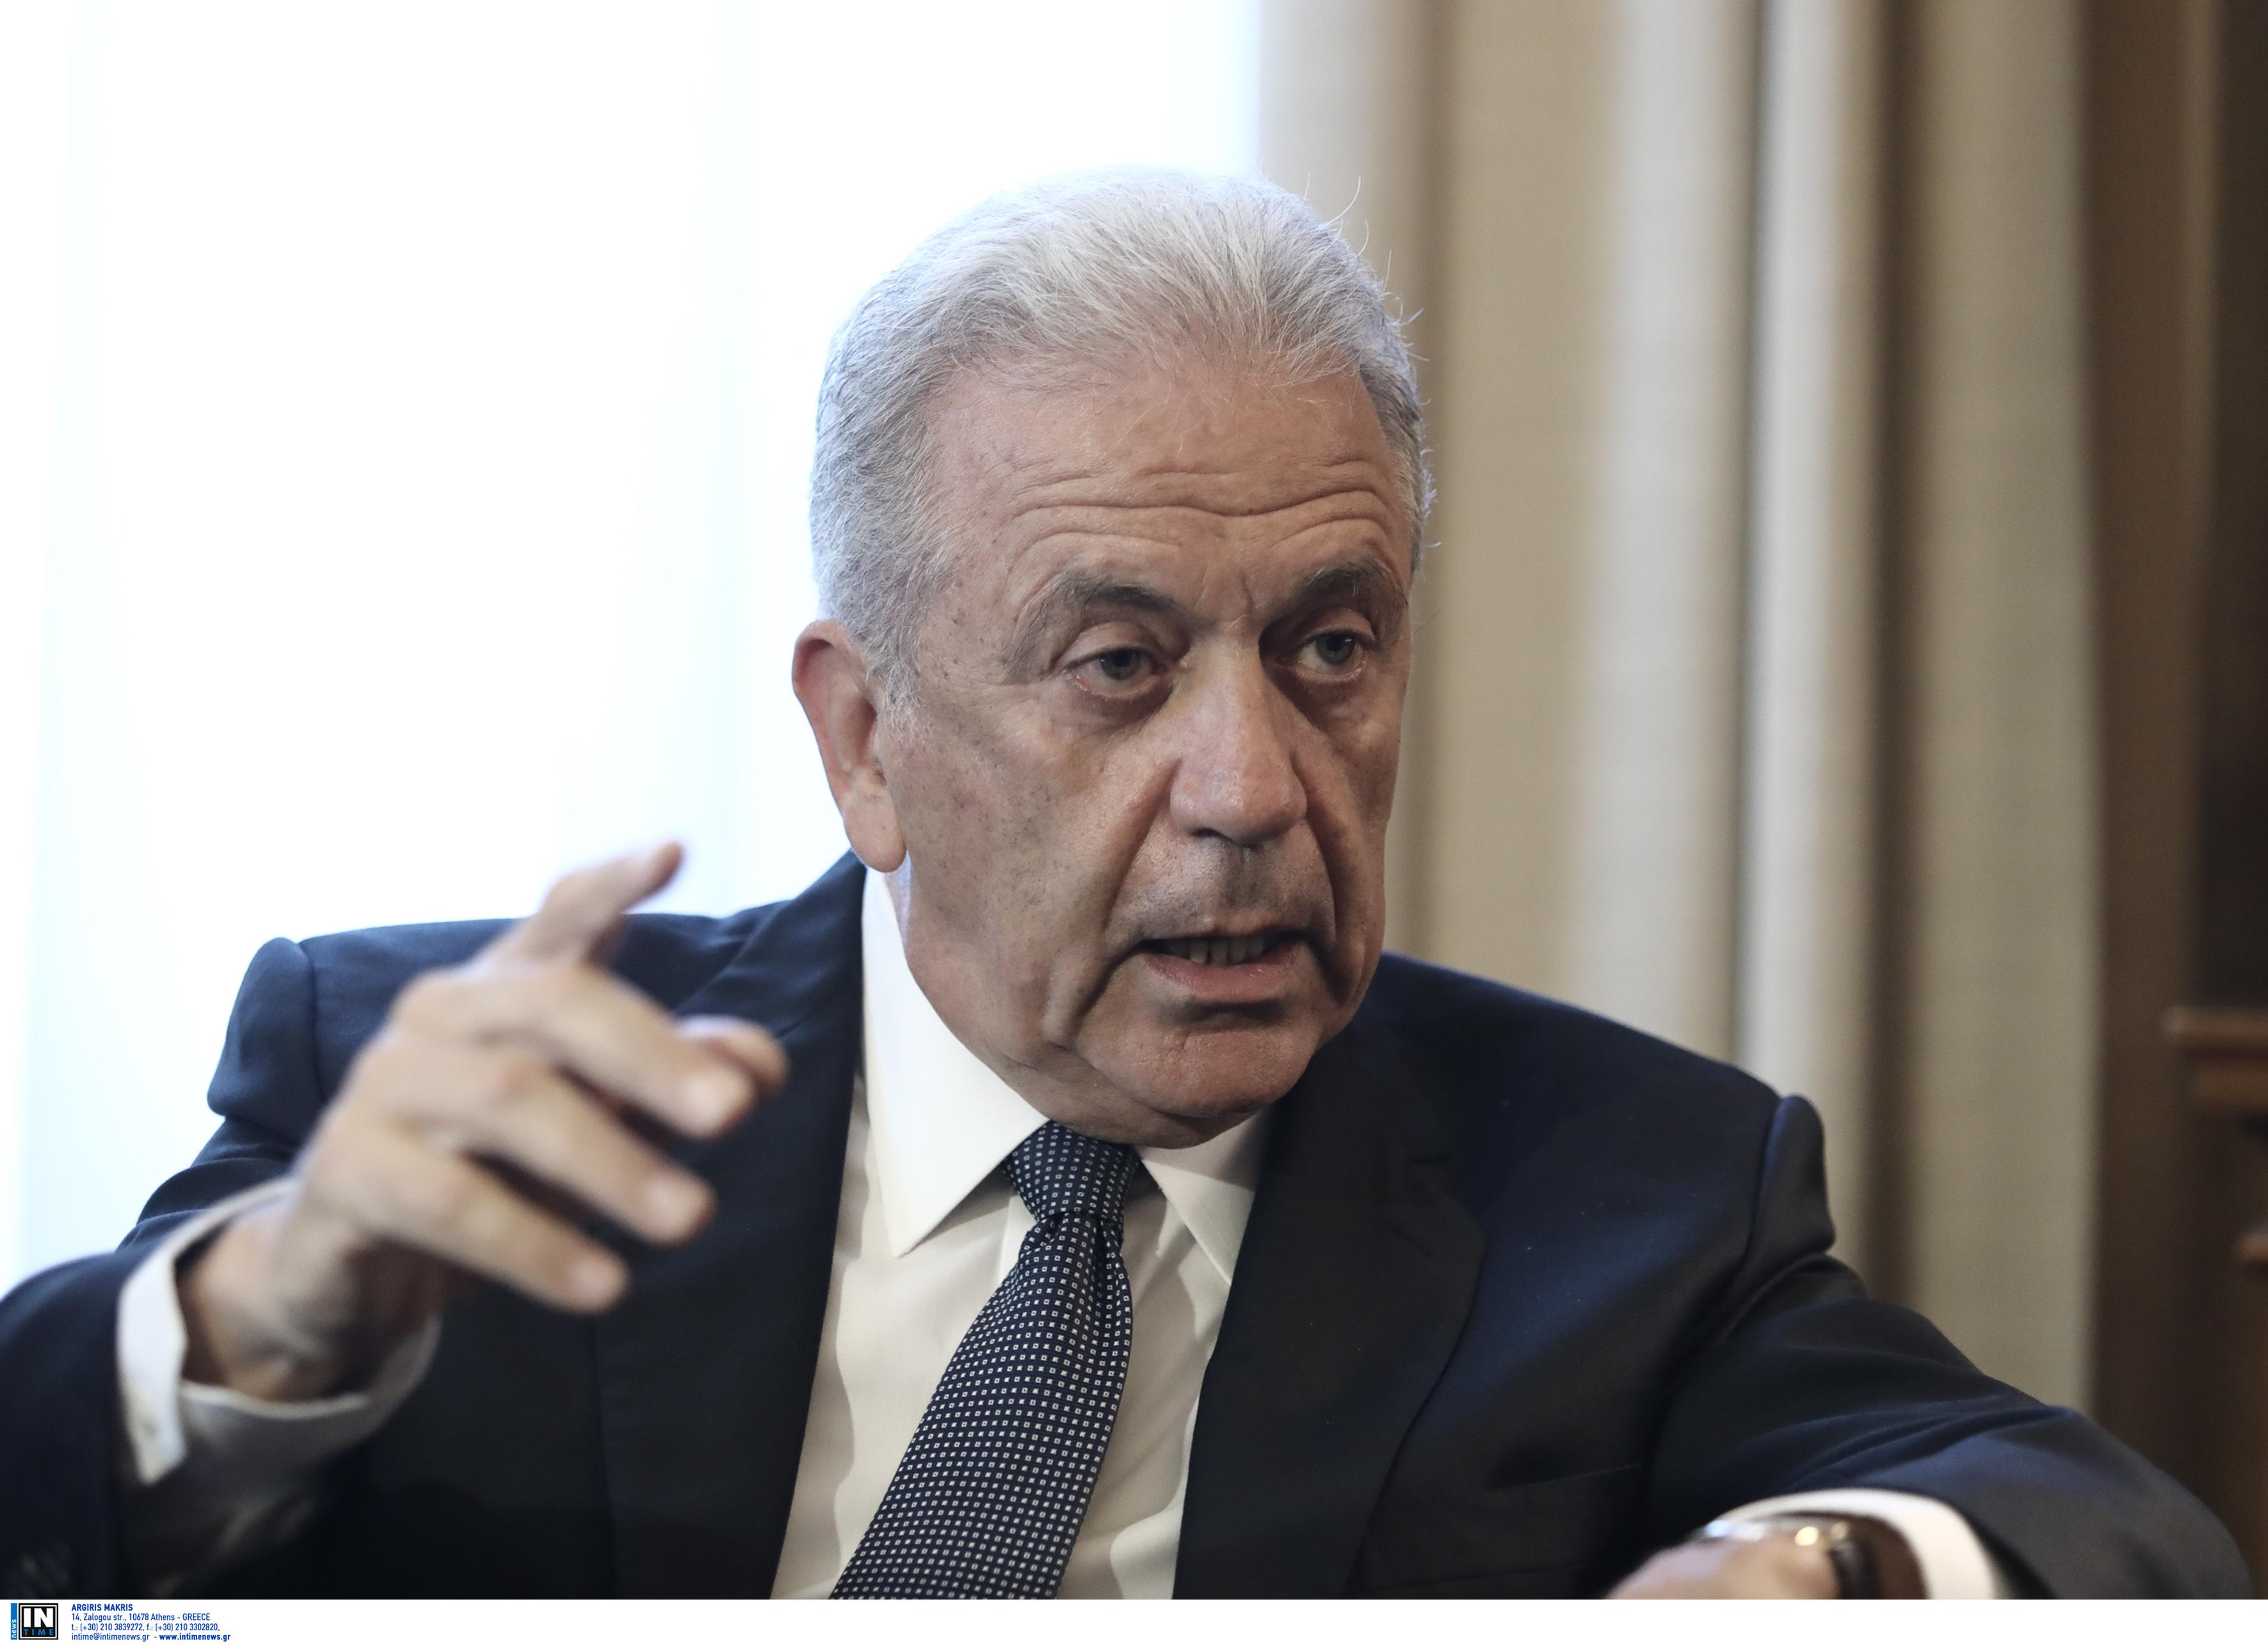 Αβραμόπουλος: Η μετανάστευση δεν μπορεί να επικρατεί στην εσωτερική πολιτική αντιπαράθεση